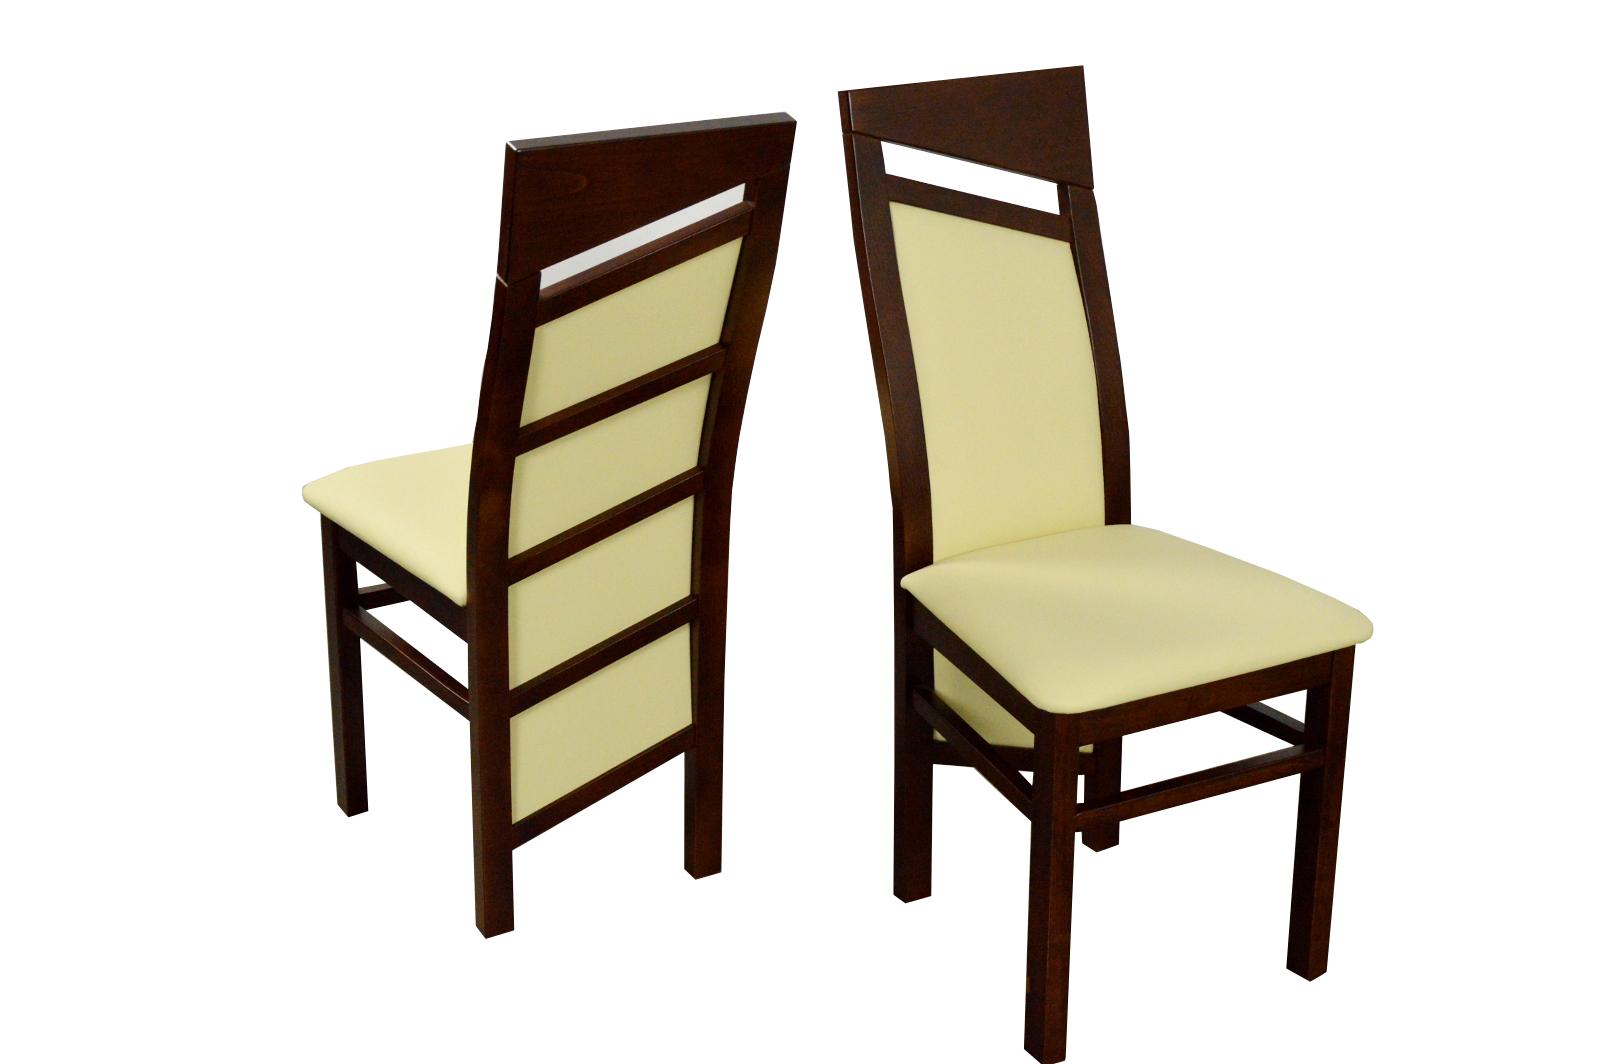 Tanie Krzesło Krzesła Drewniane Do Kuchni Jadalni